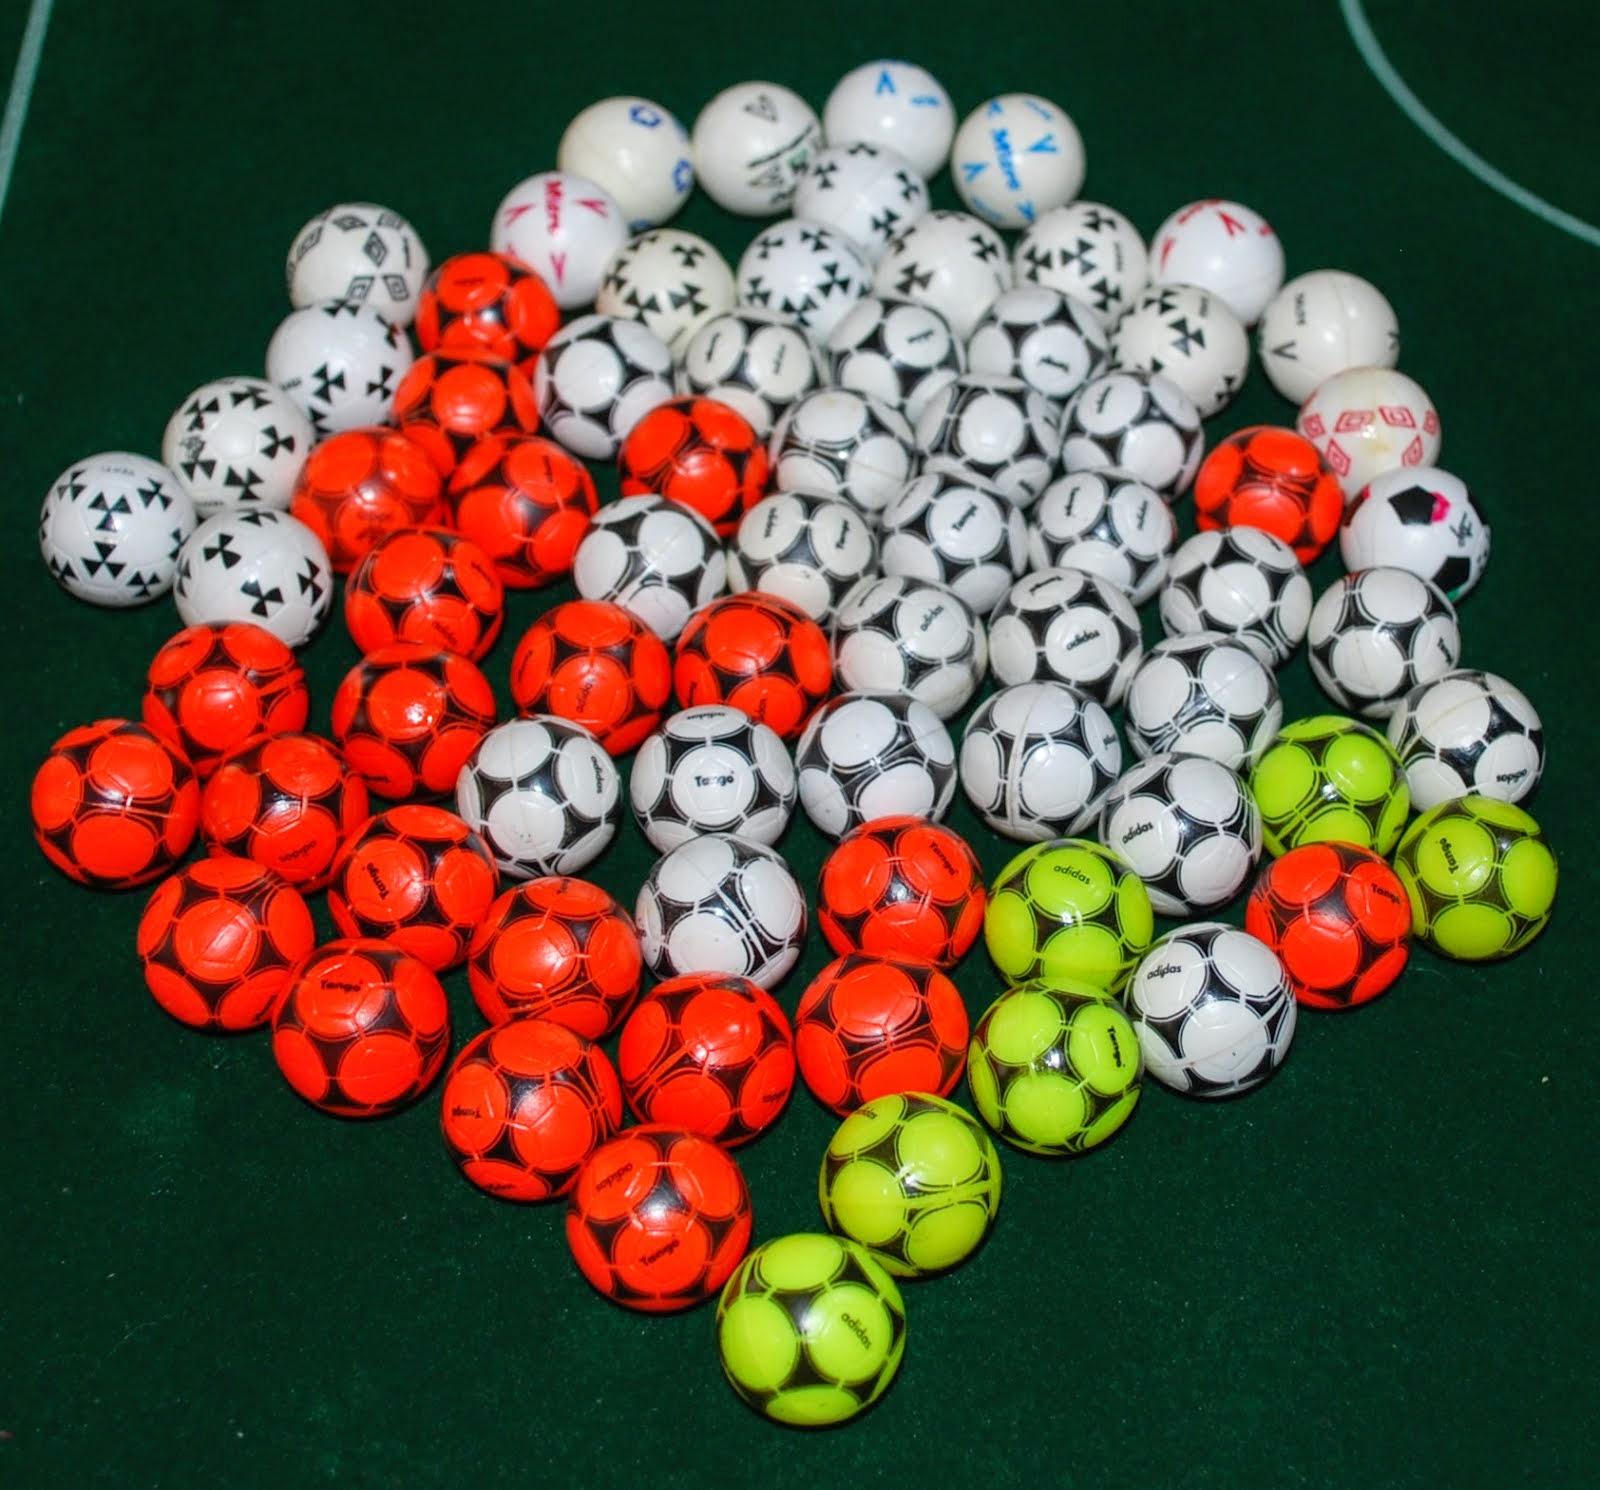 Original Subbuteo Balls